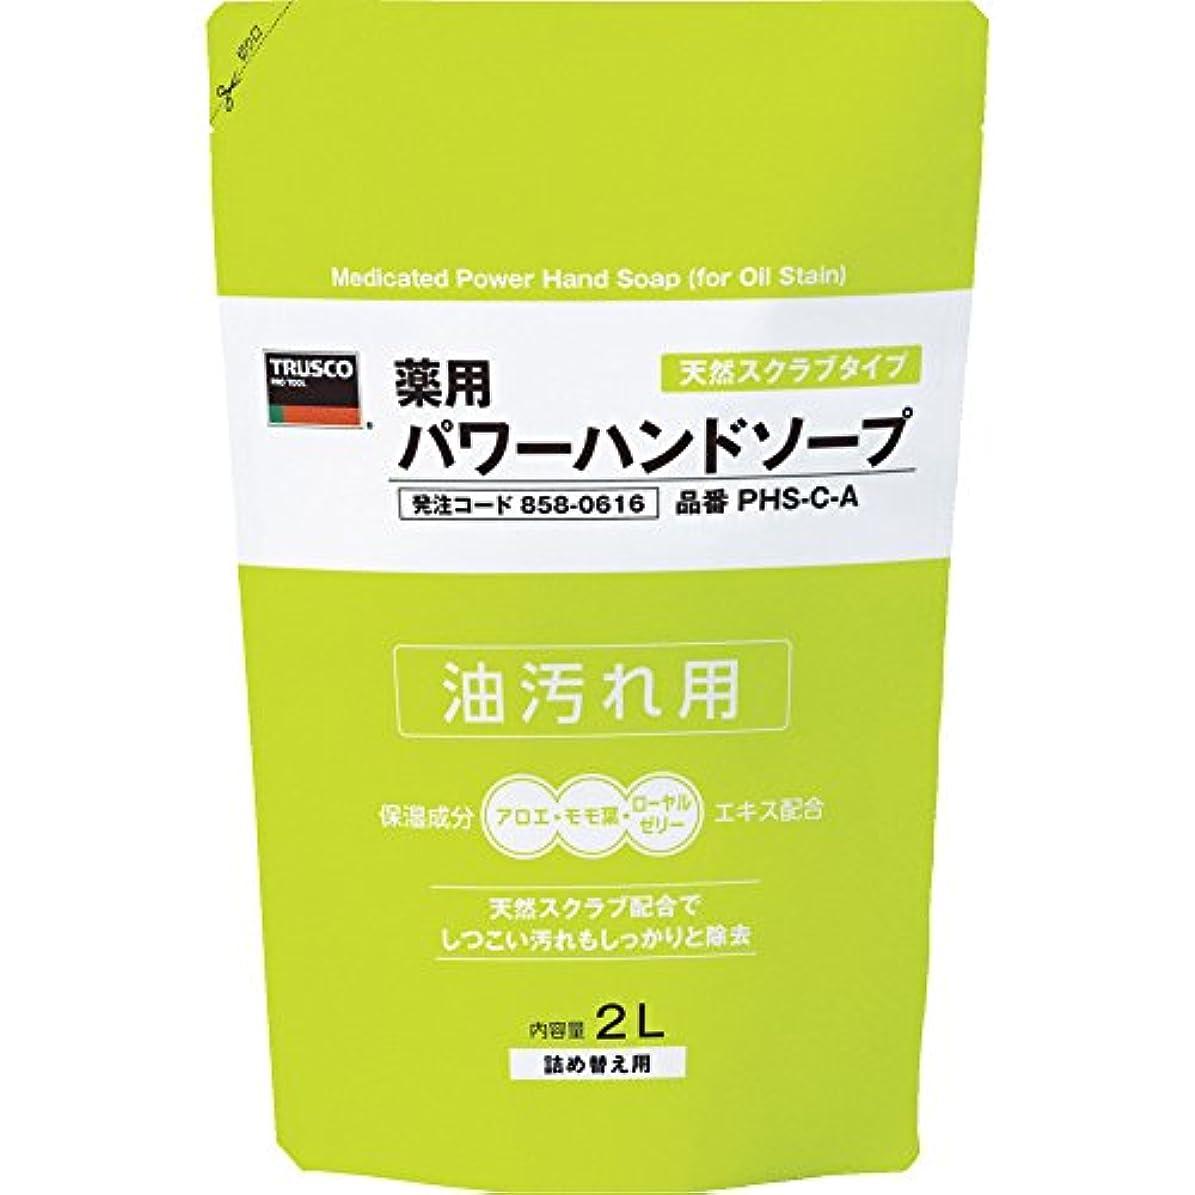 筋肉のパーセントパラシュートTRUSCO(トラスコ) 薬用パワーハンドソープ 詰替パック 2.0L PHS-C-A